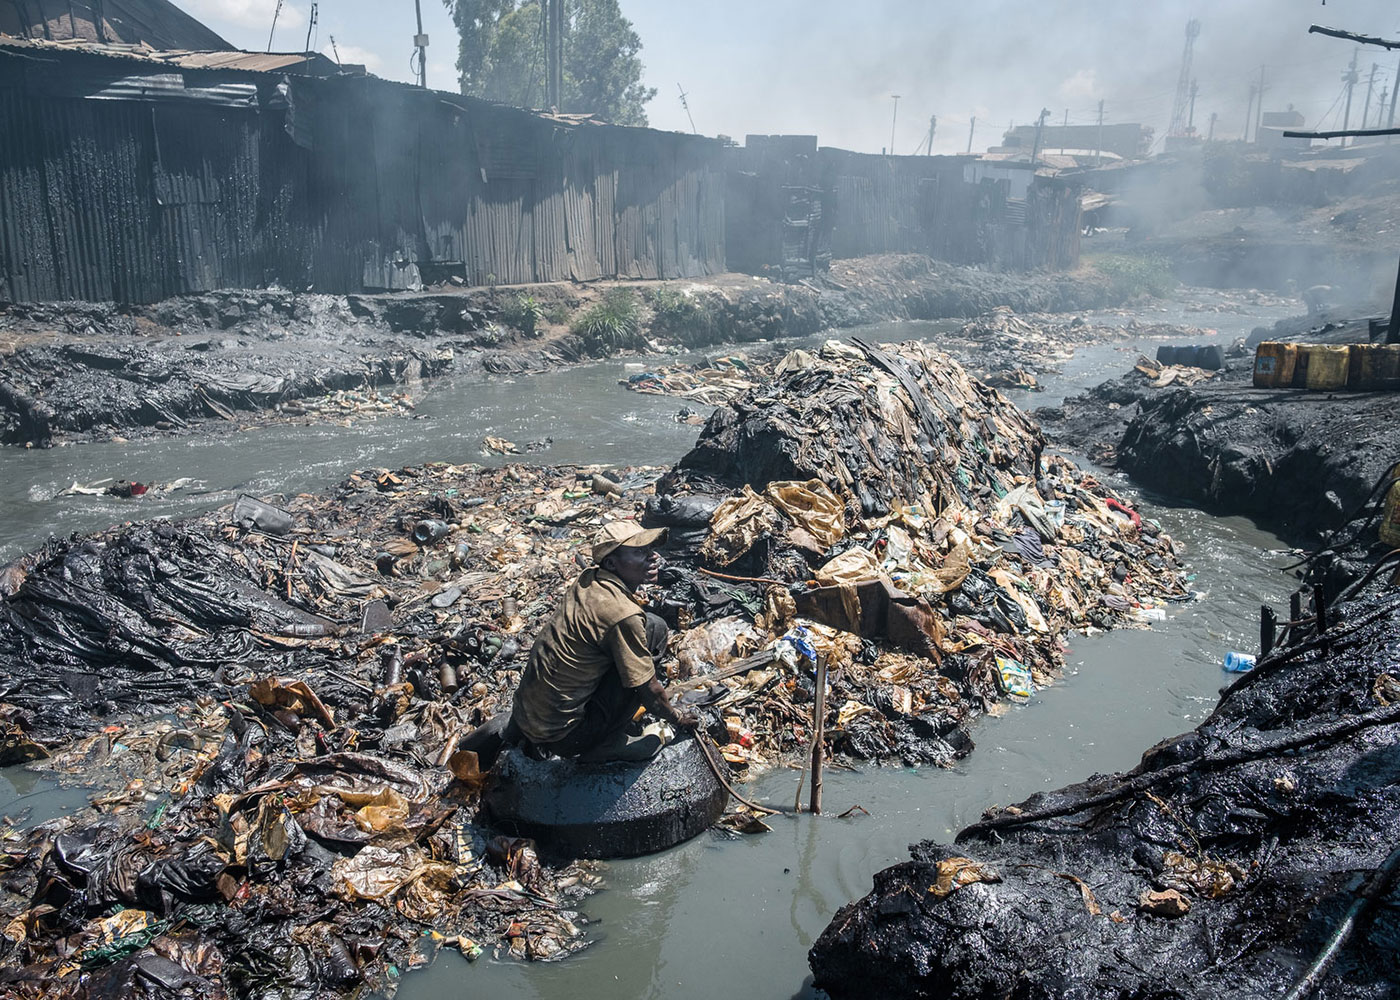 Changaa Boy, leben in einem der größten Slums Nairobis, Kenia © Bernd Hartung